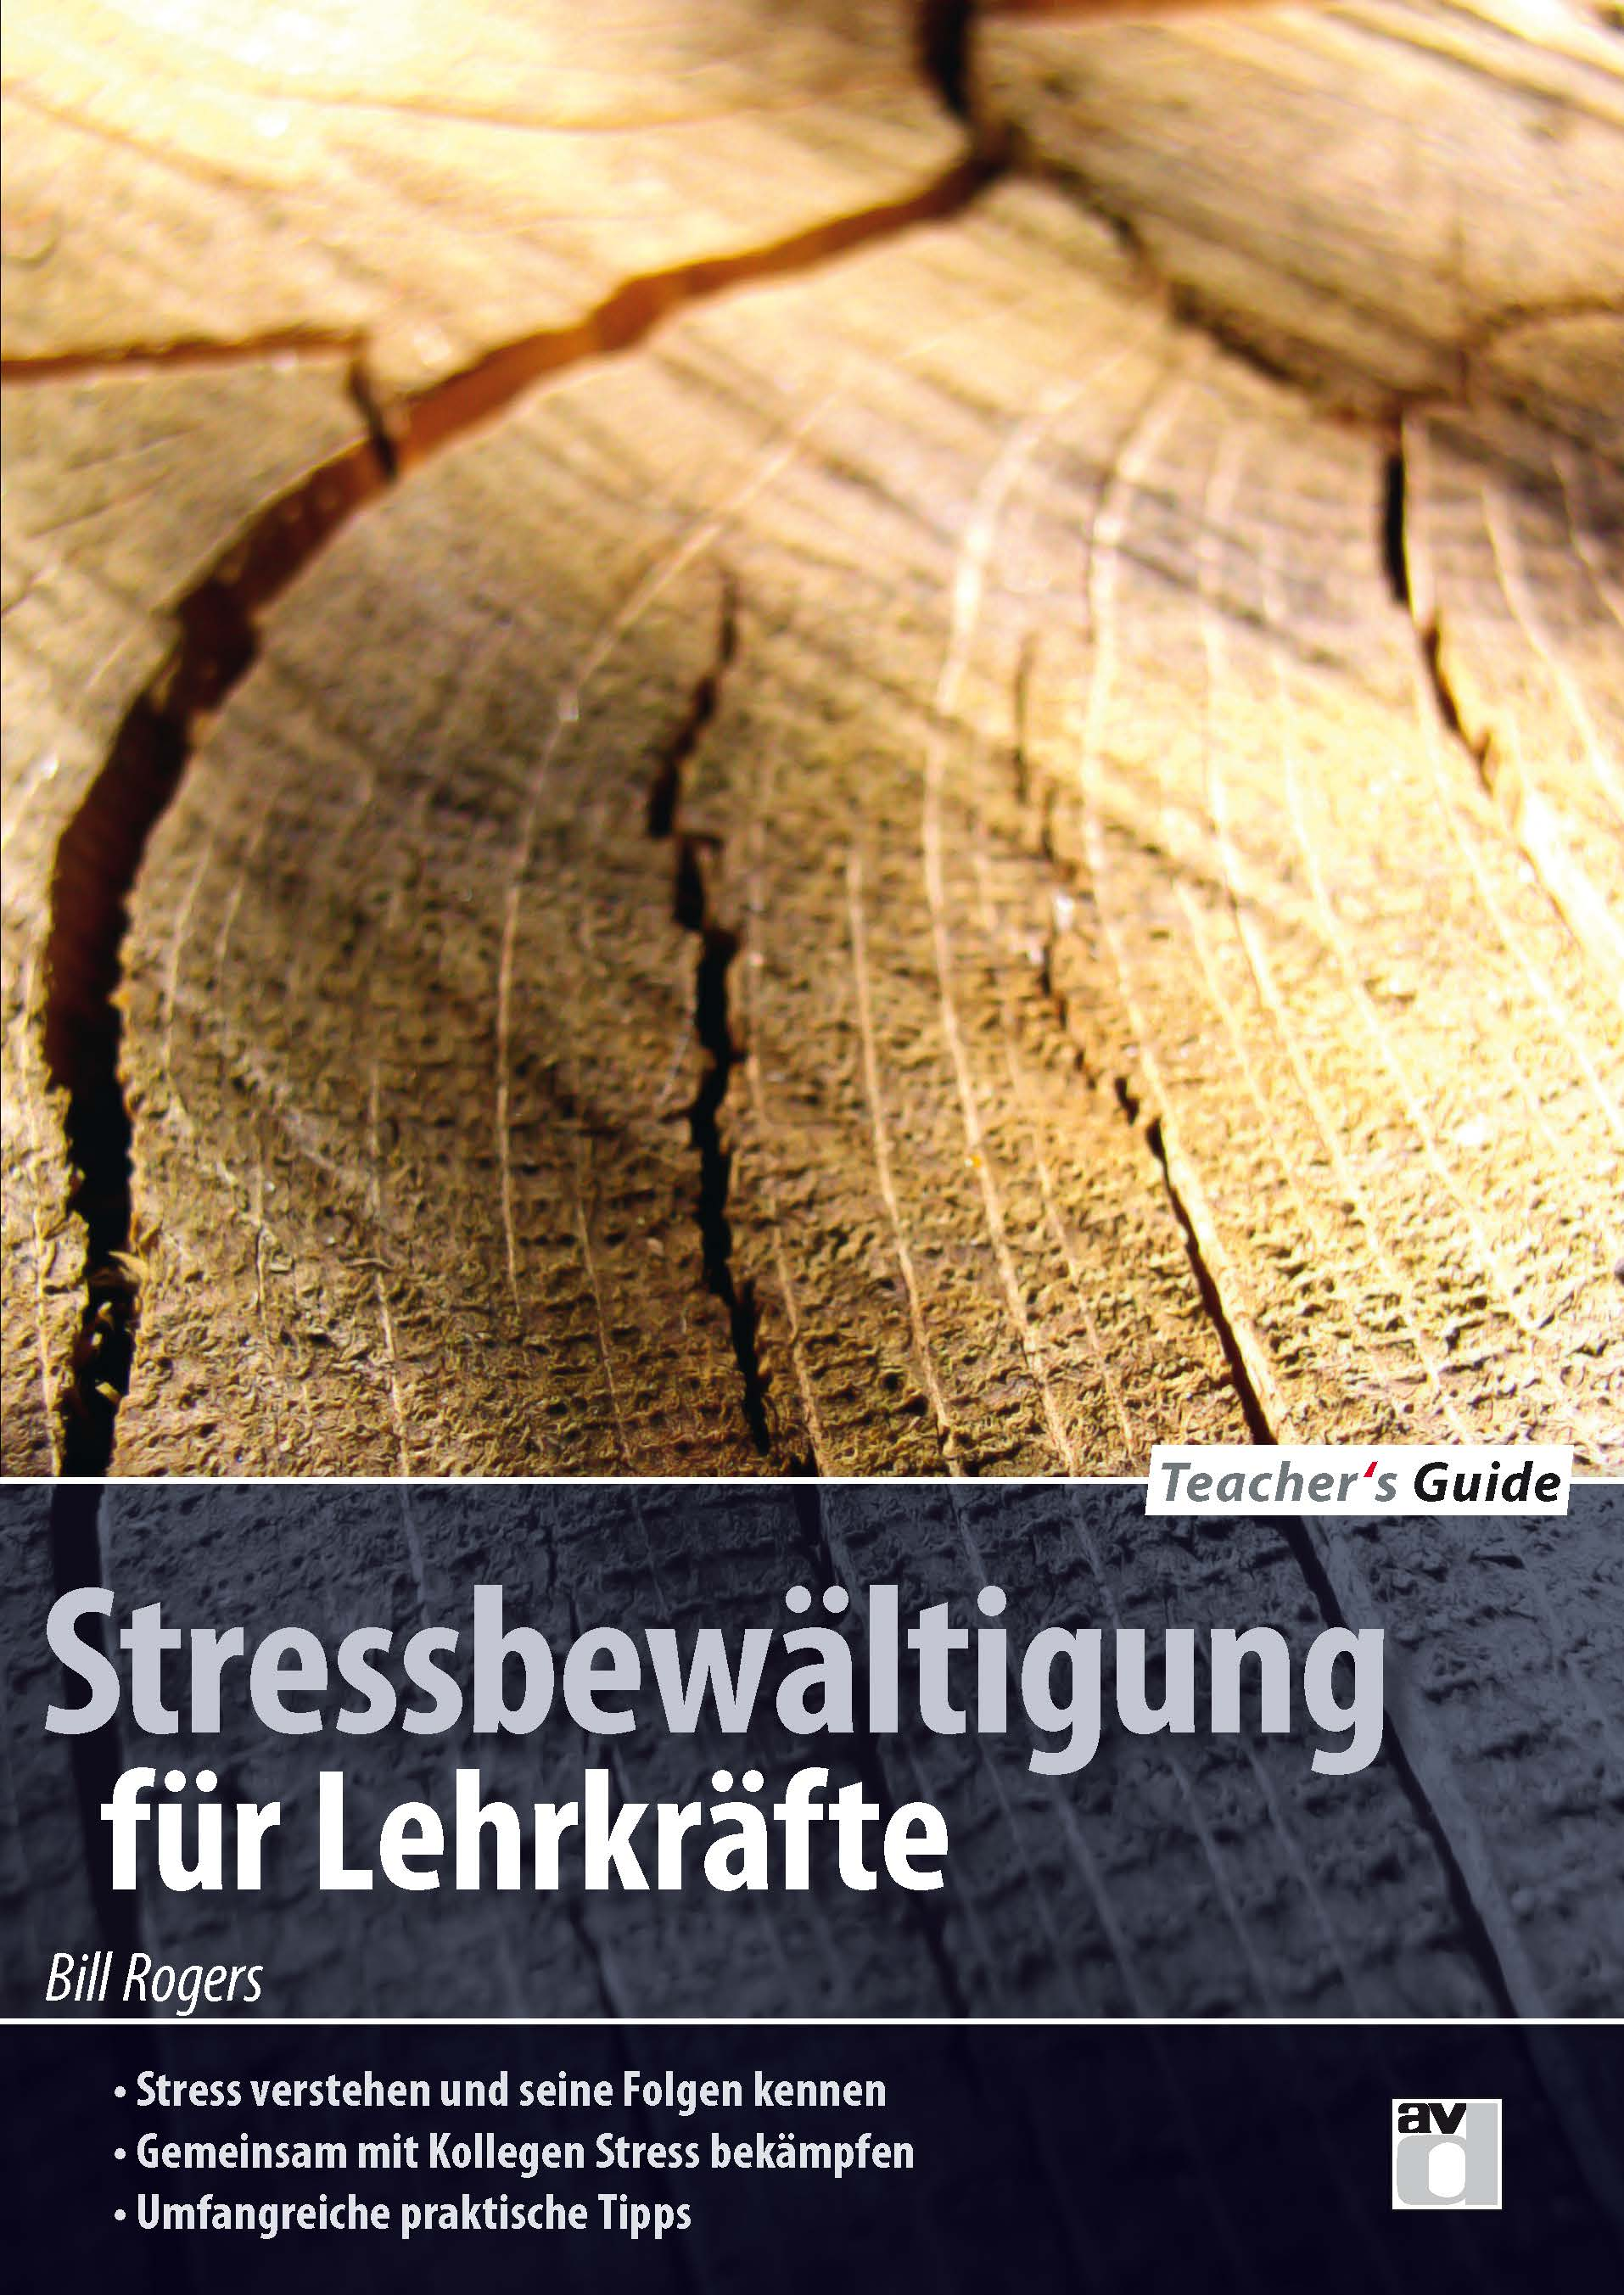 Stressbewältigung für Lehrkräfte